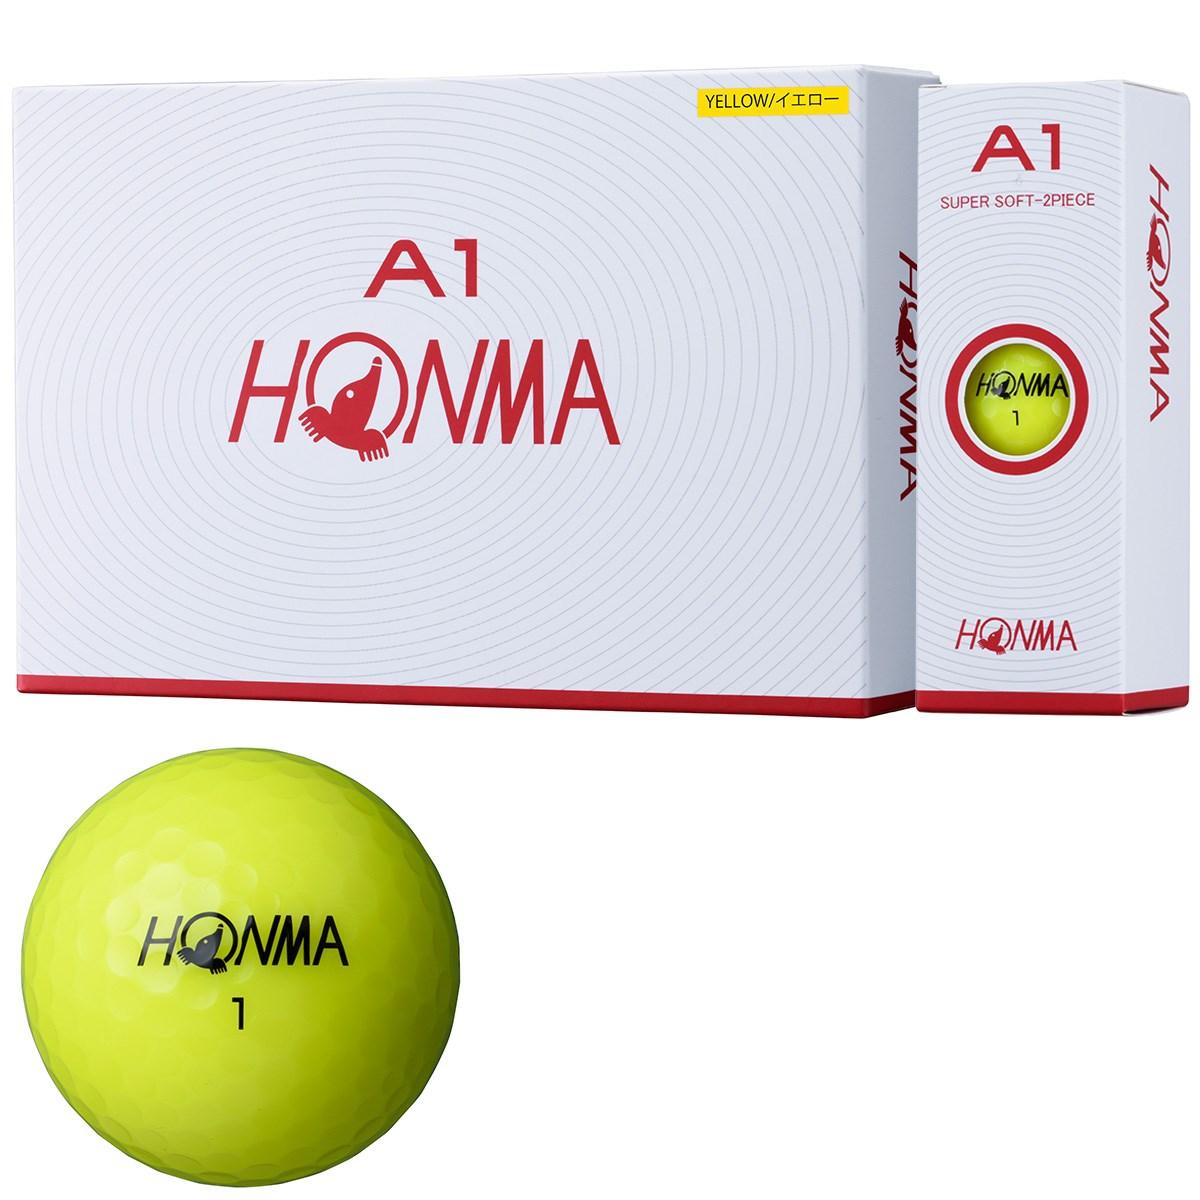 本間ゴルフ HONMA A1 ボール 3ダースセット 3ダース(36個入り) イエロー